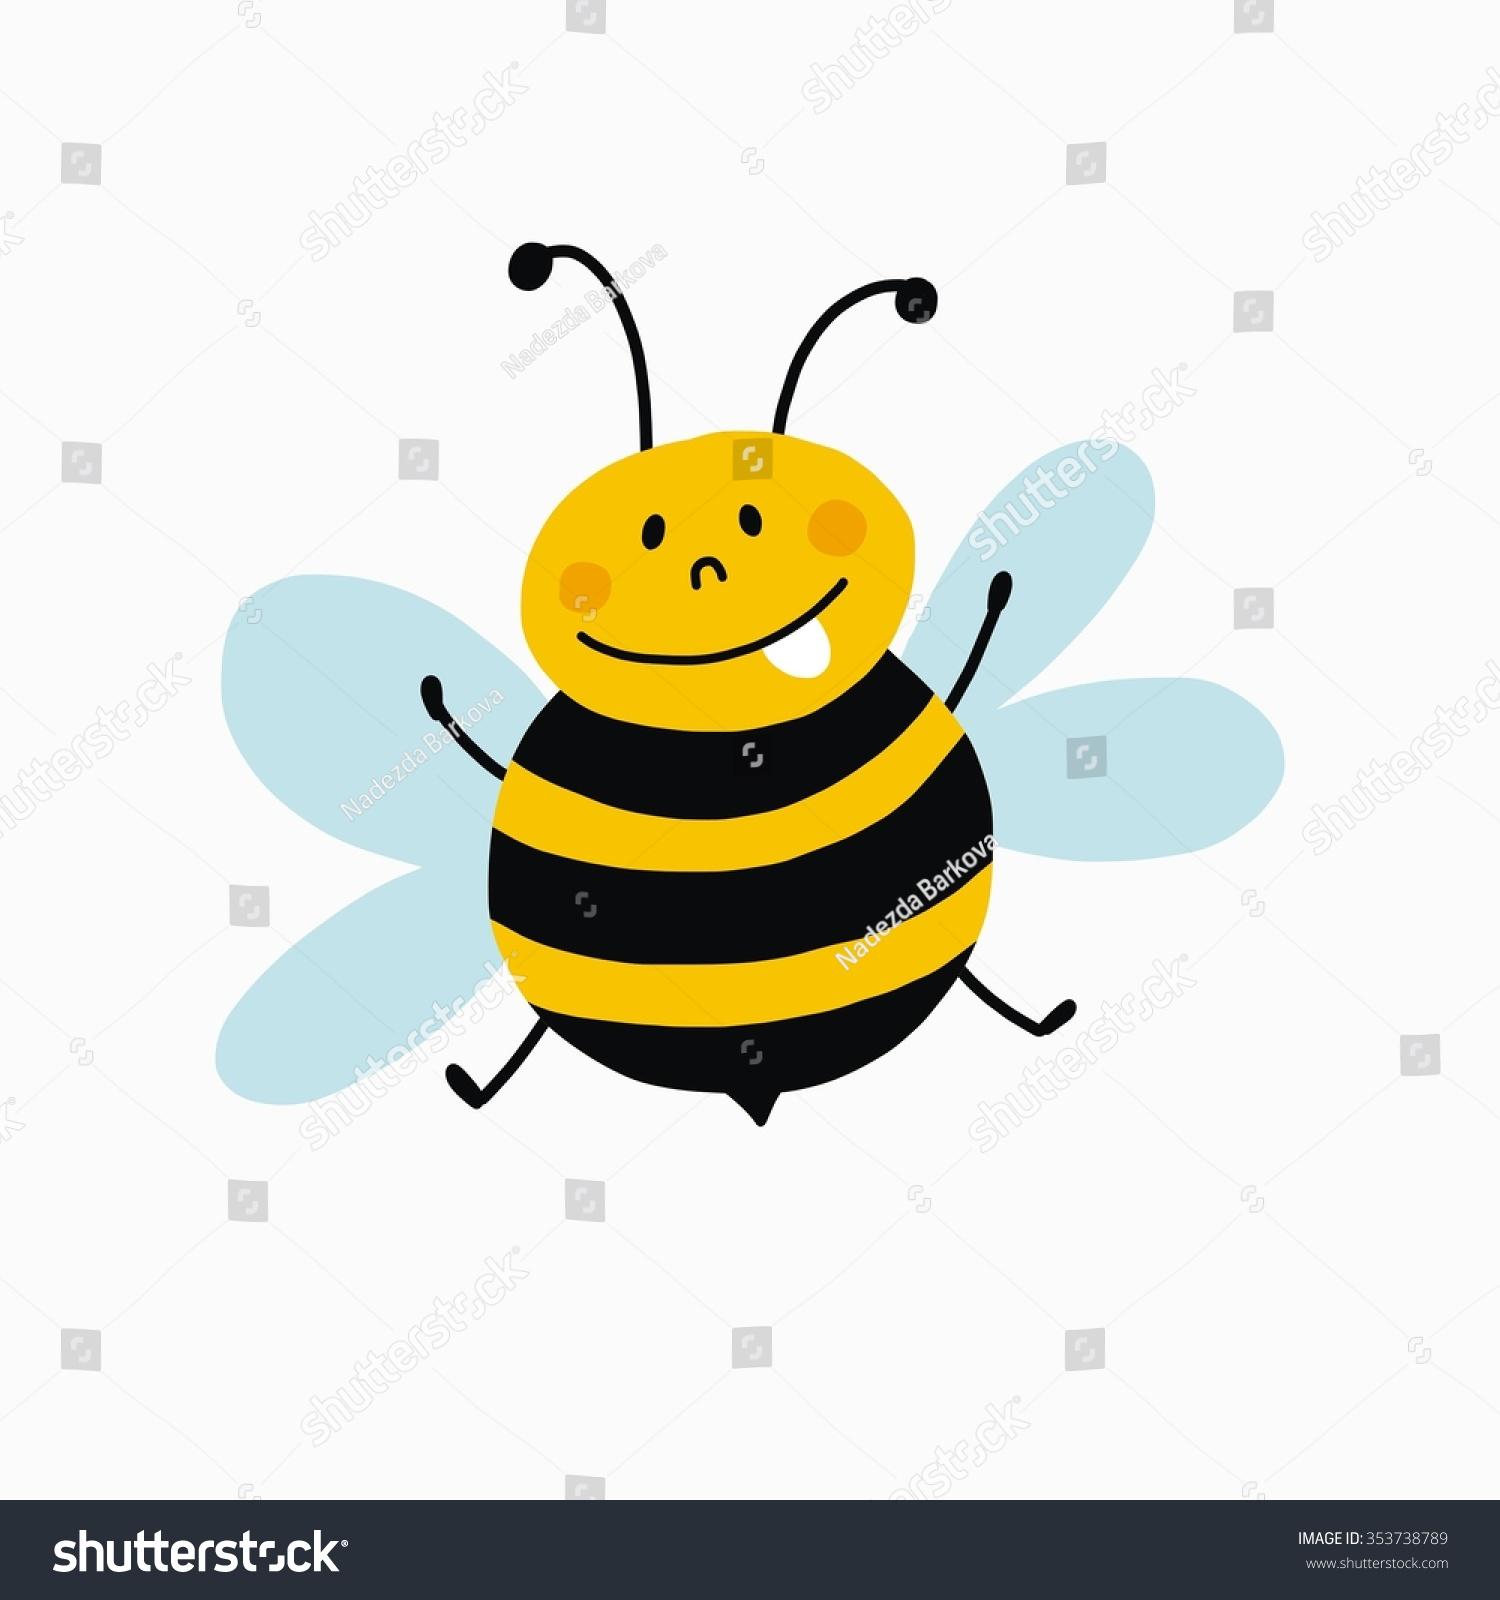 funny cartoon bee print stock vector 353738789 shutterstock